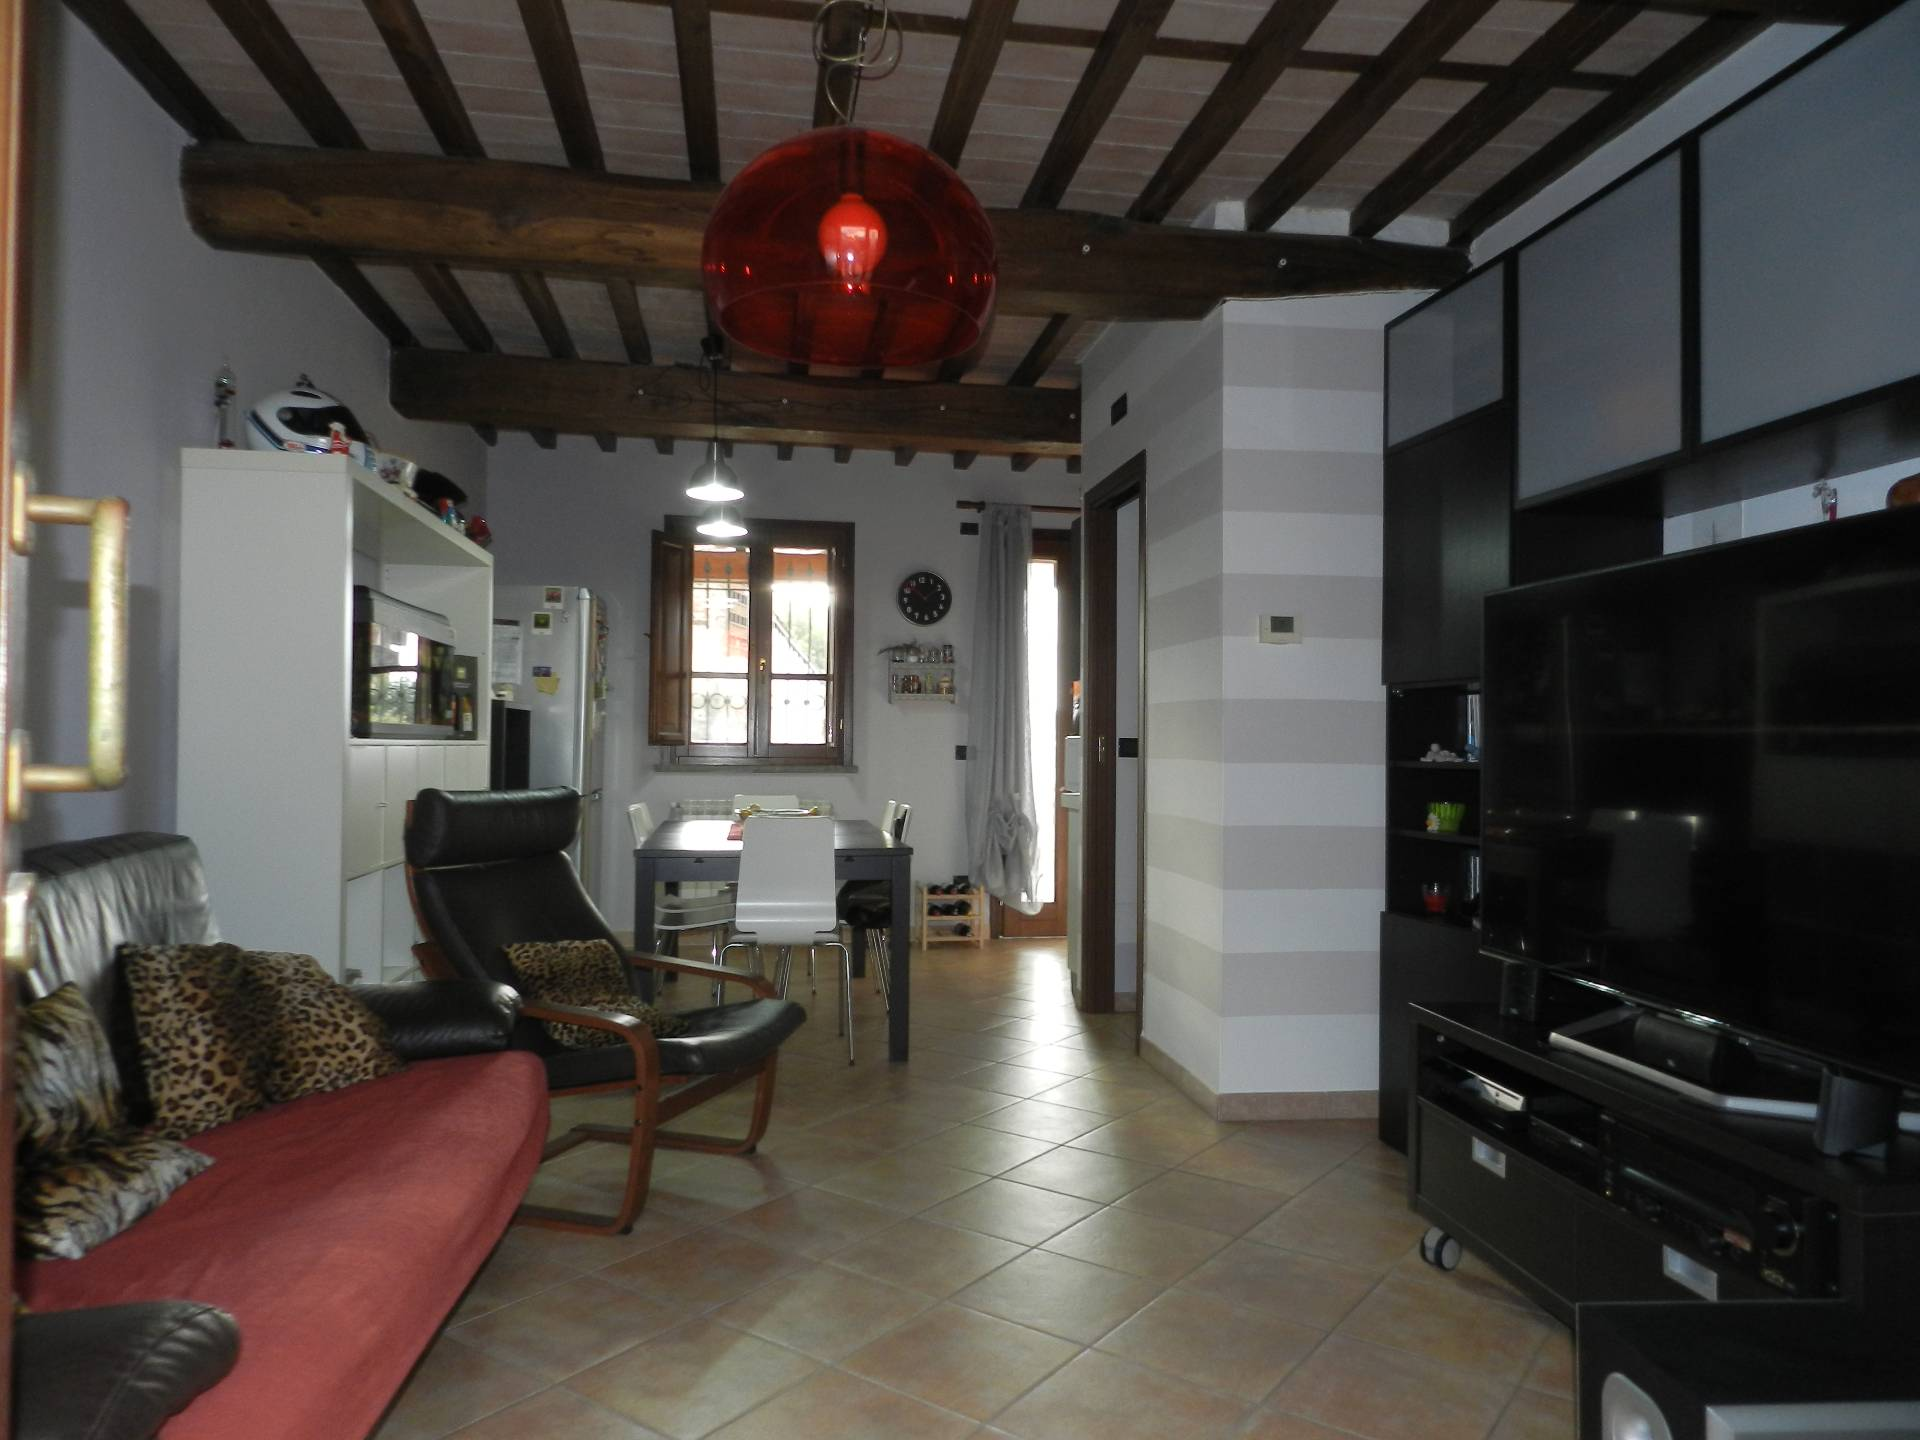 Villa a Schiera in vendita a Lucca, 3 locali, zona Località: SanVito, prezzo € 165.000 | Cambio Casa.it